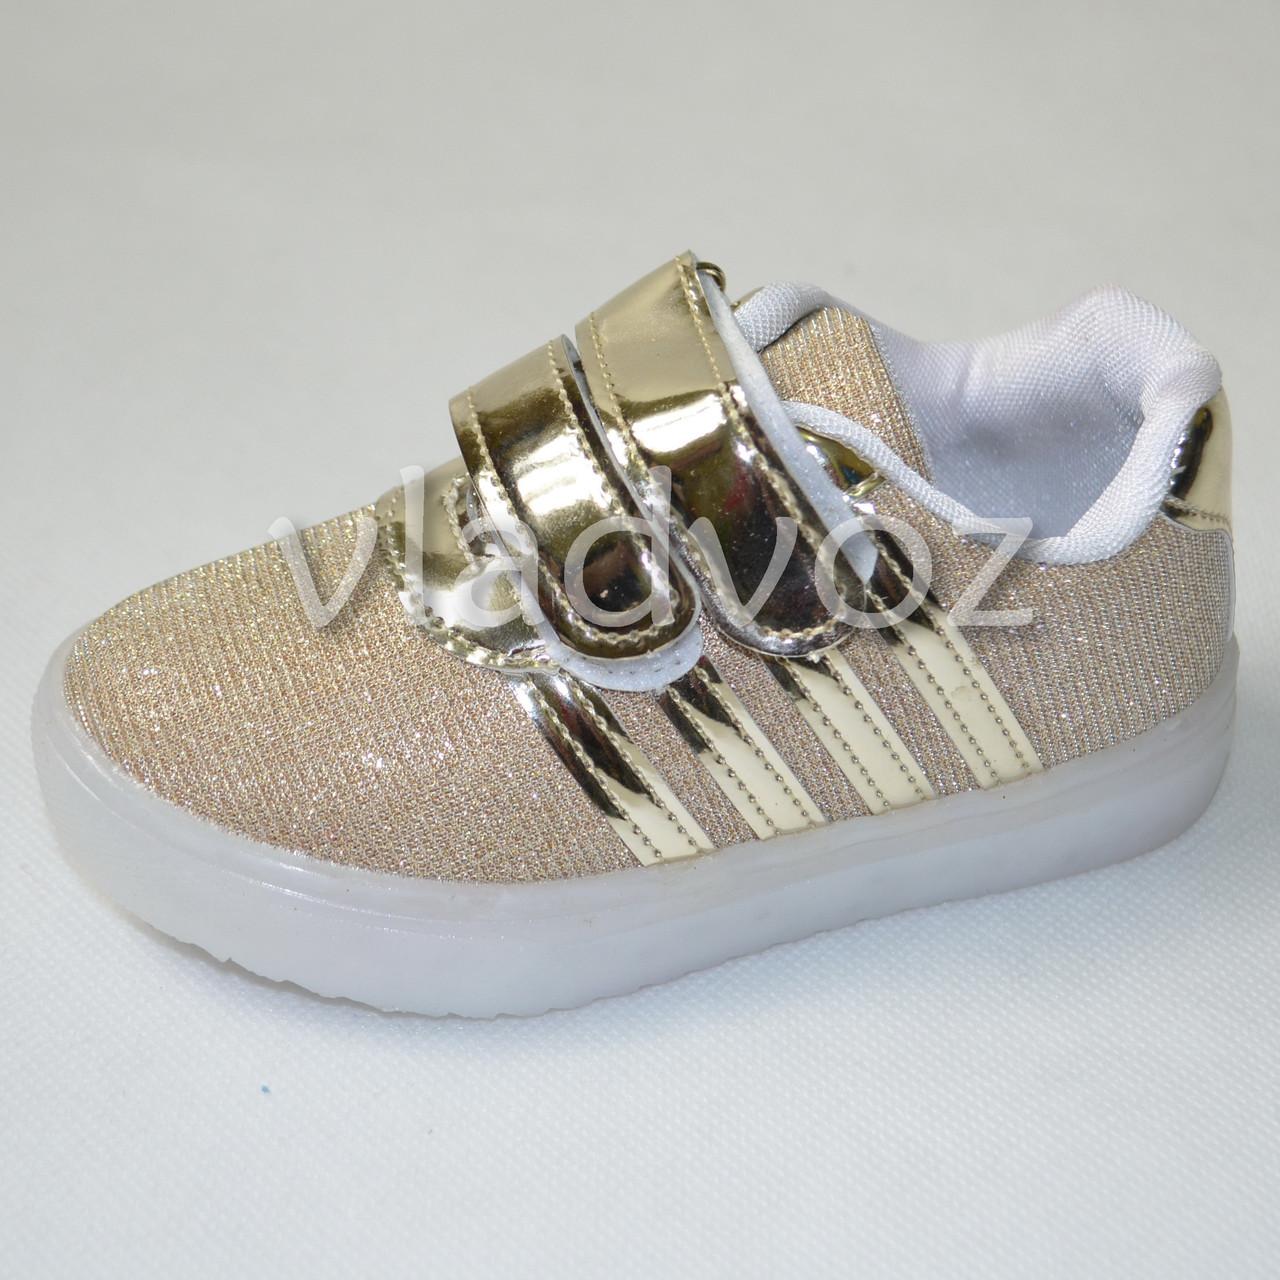 Детские светящиеся кроссовки с led подсветкой для девочки золотистые Jong Golf 26р. 16,5 см.